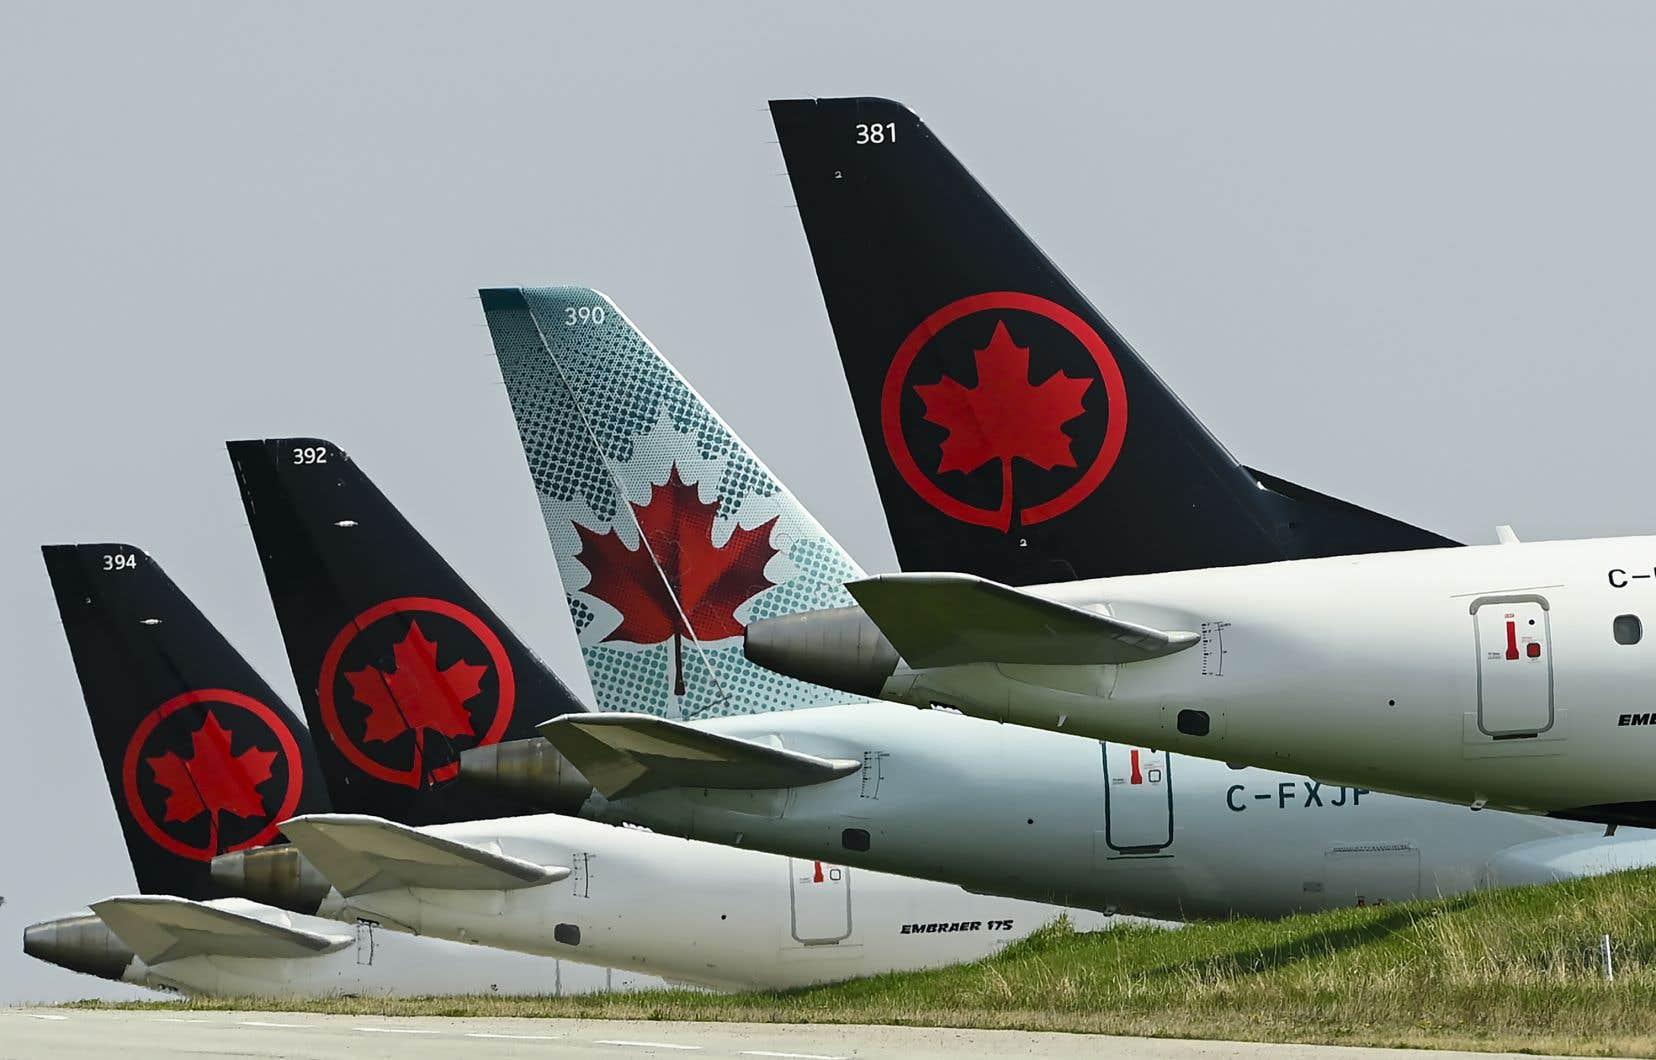 Dans un communiqué publié en soirée, dimanche, la compagnie aérienne révèle «que les vice-présidents généraux et le président et chef de la direction actuels d'Air Canada ont choisi de volontairement rendre leurs primes et leurs droits à la plus-value d'actions de 2020».